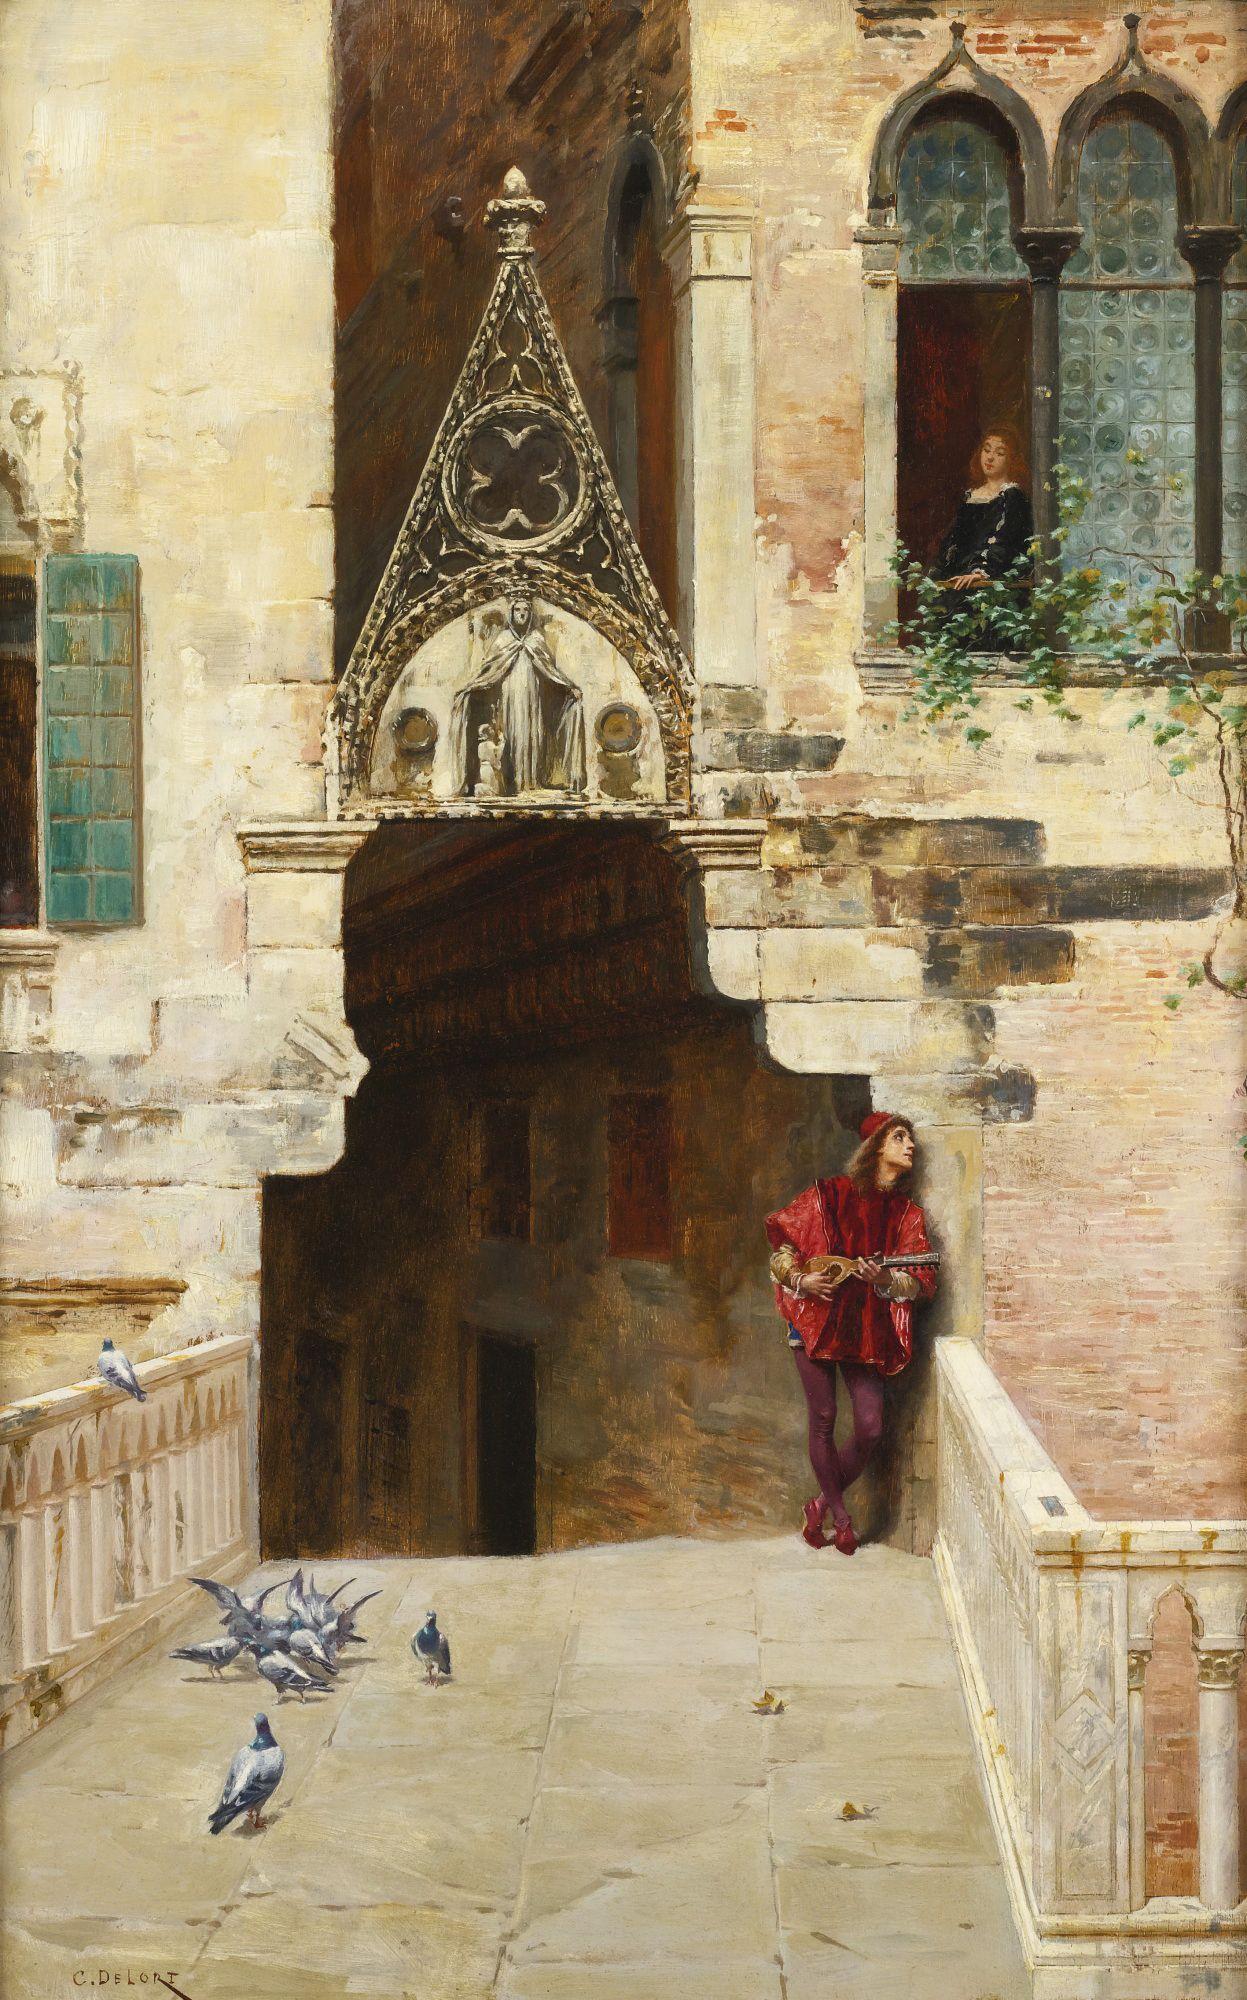 Charles-Édouard-Edmond Delort ROMEO AND JULIET (ACT II, SCENE II CAPULET'S GARDEN)